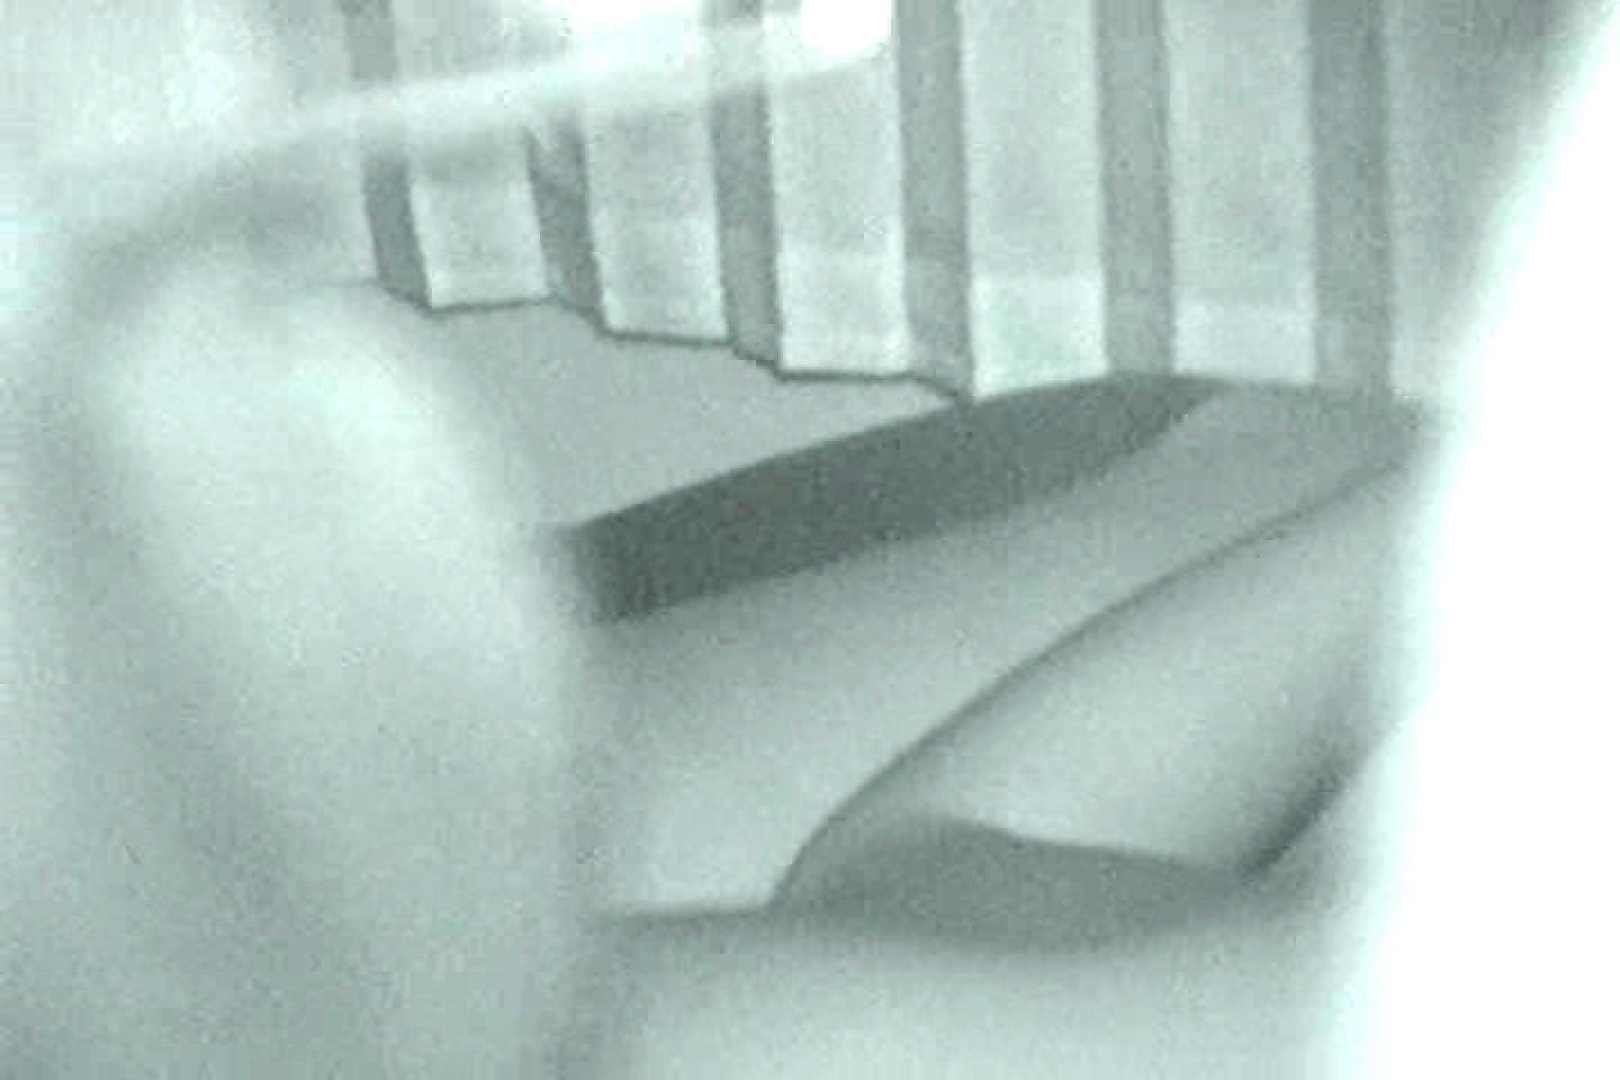 充血監督の深夜の運動会Vol.12 裸体 盗撮セックス無修正動画無料 65画像 43